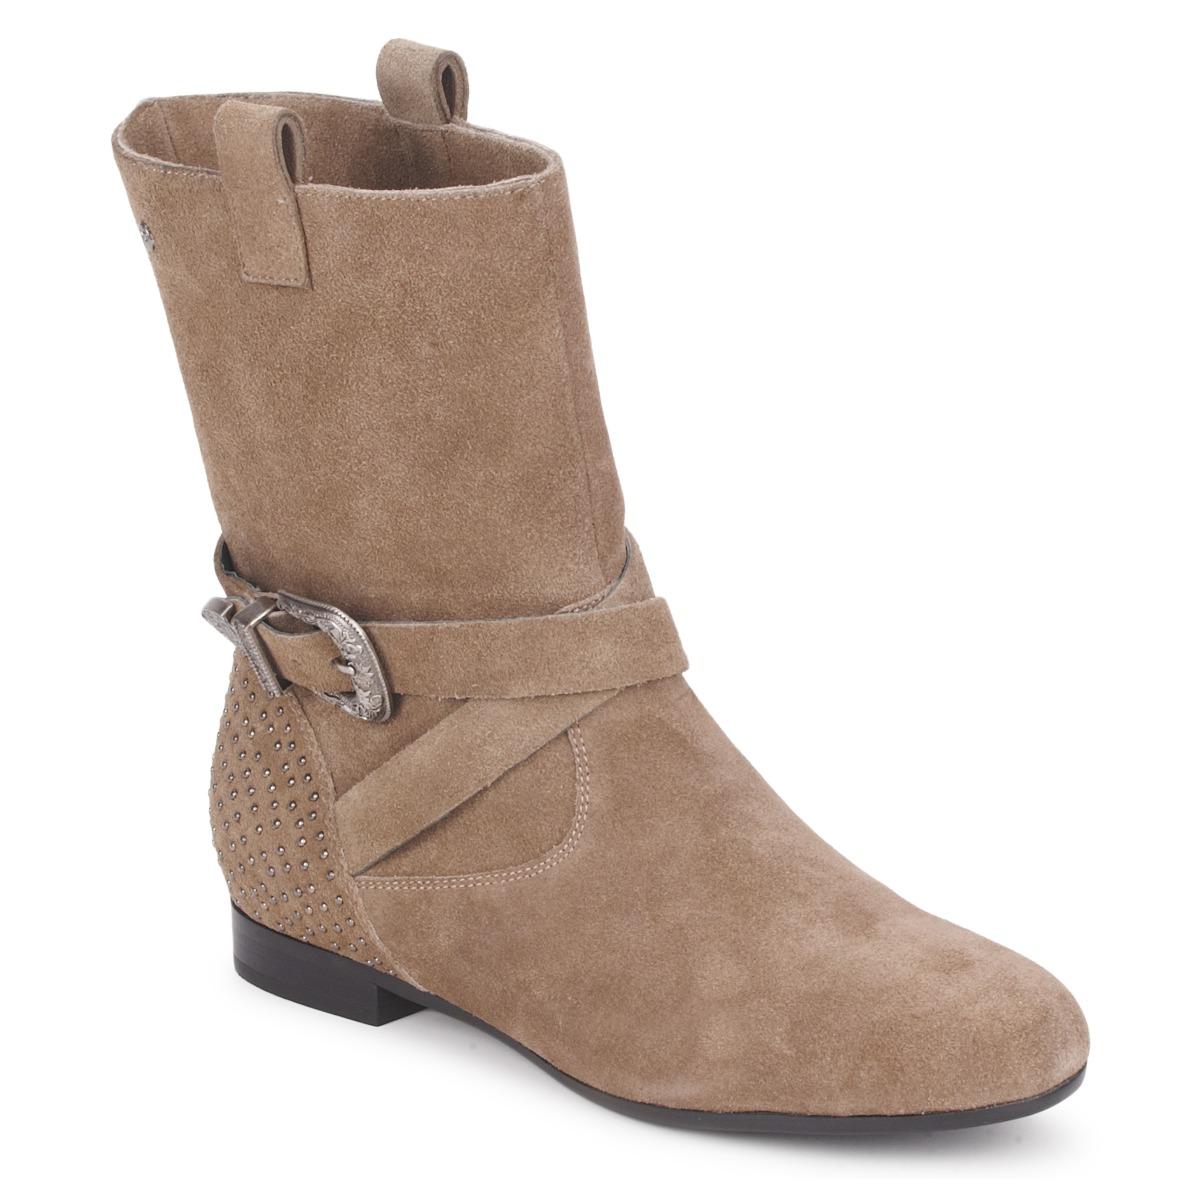 Couleur Couleur Couleur Pourpre TAMA Topotea - Envío gratis Nueva promoción - Zapatos Botas de caña baja Mujer 40dcc5